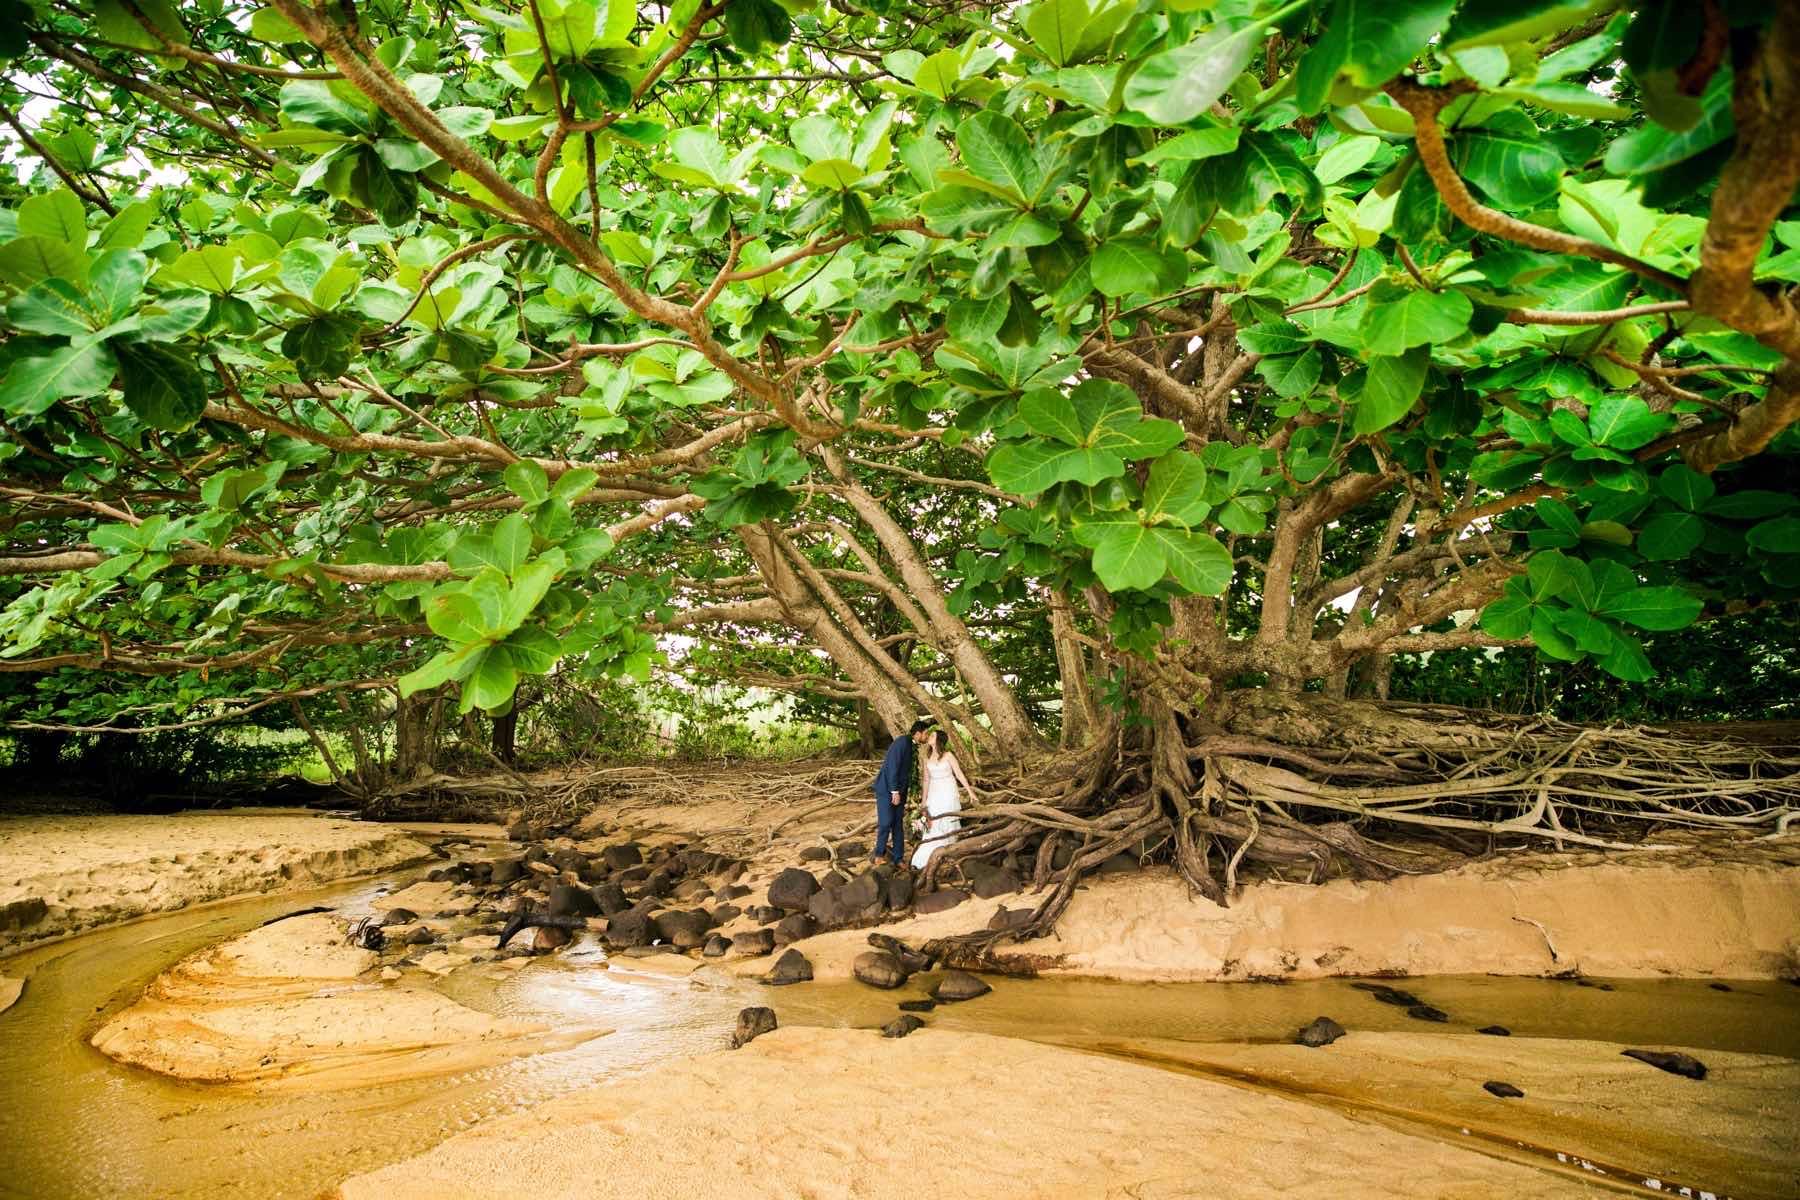 Gerlie & Joeygene under a tree on the beach in Kauai.